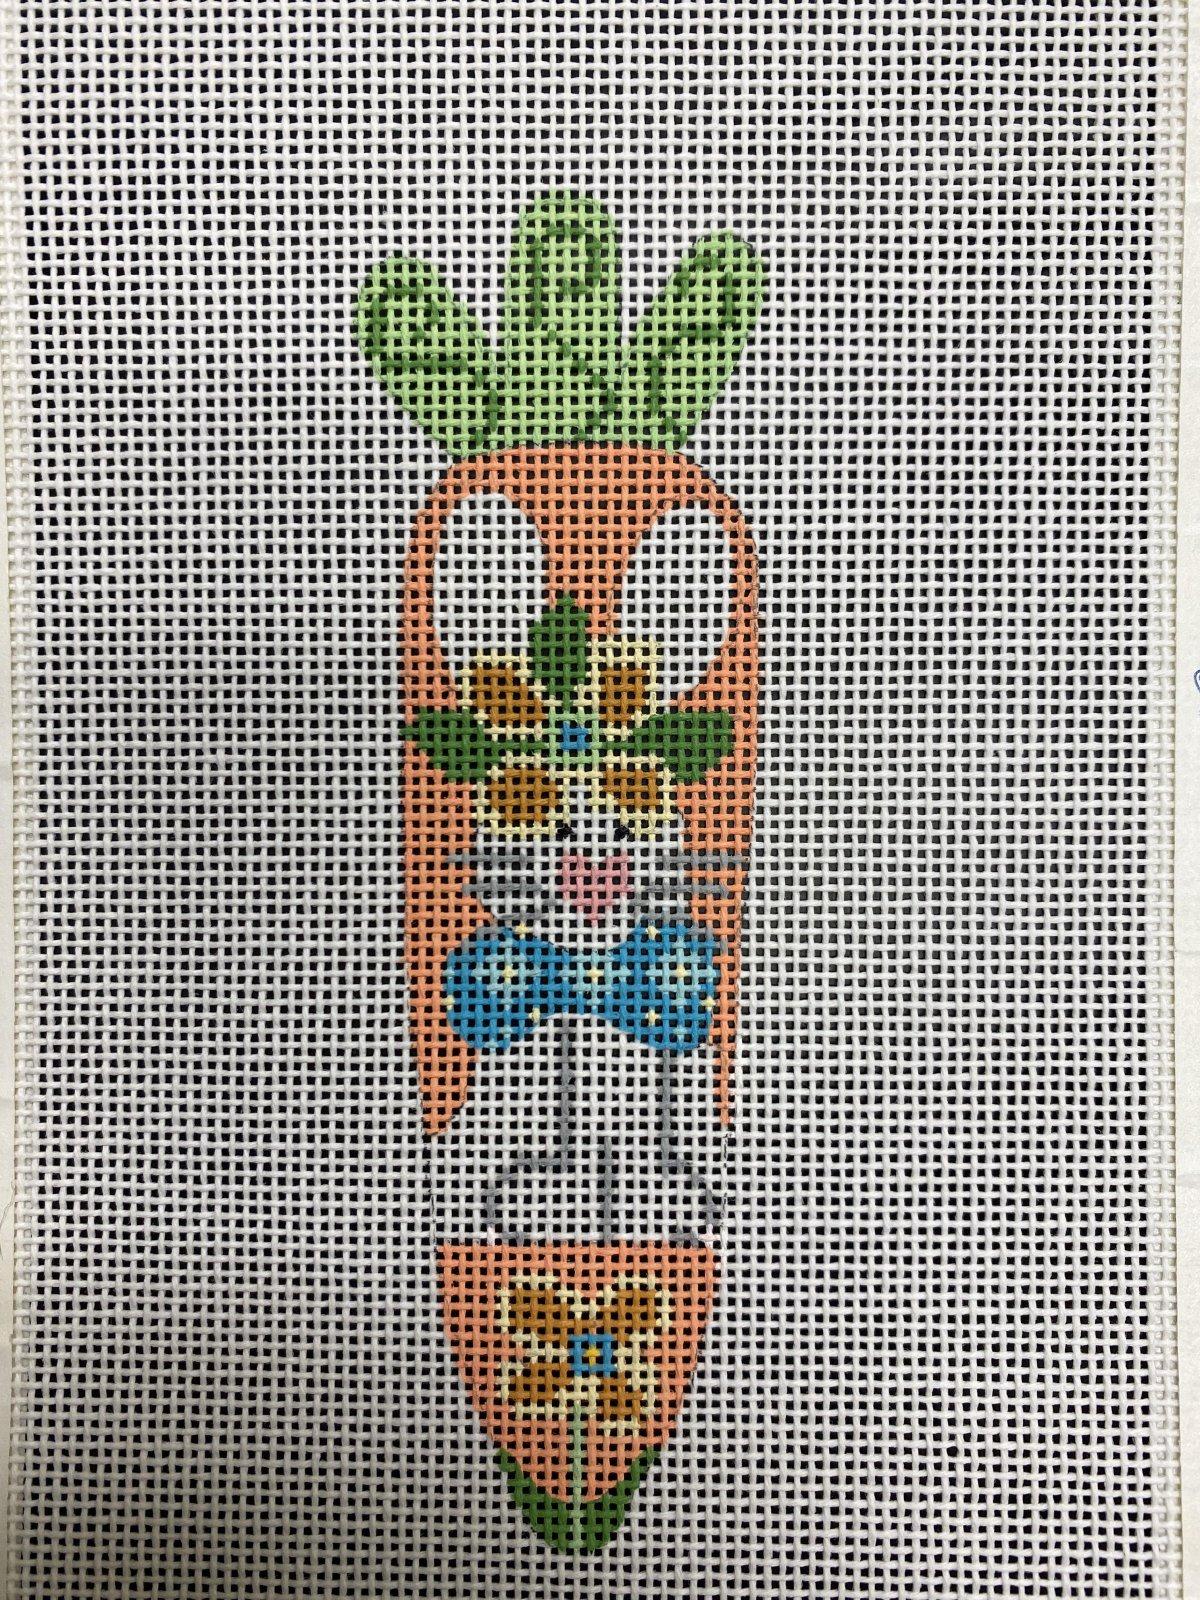 bunny w bowtie carrot